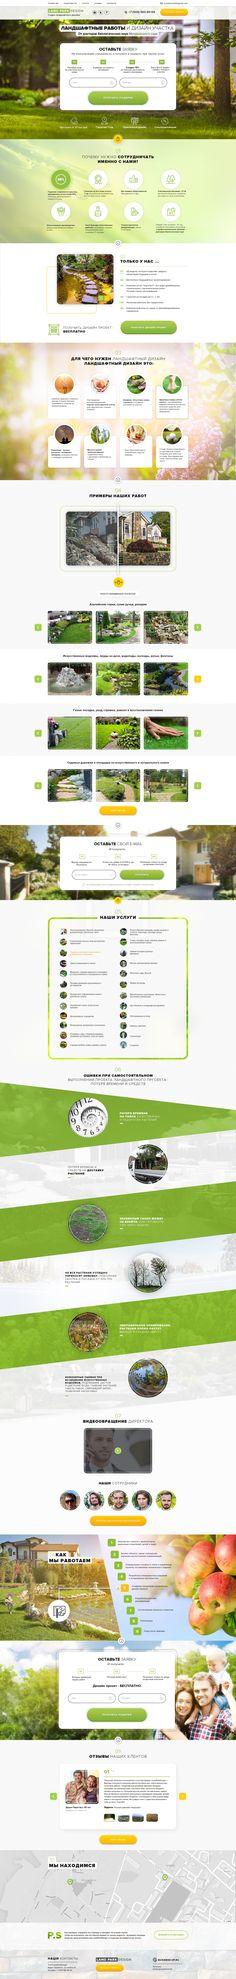 Land Park Design - студия ландшафтного дизайна.